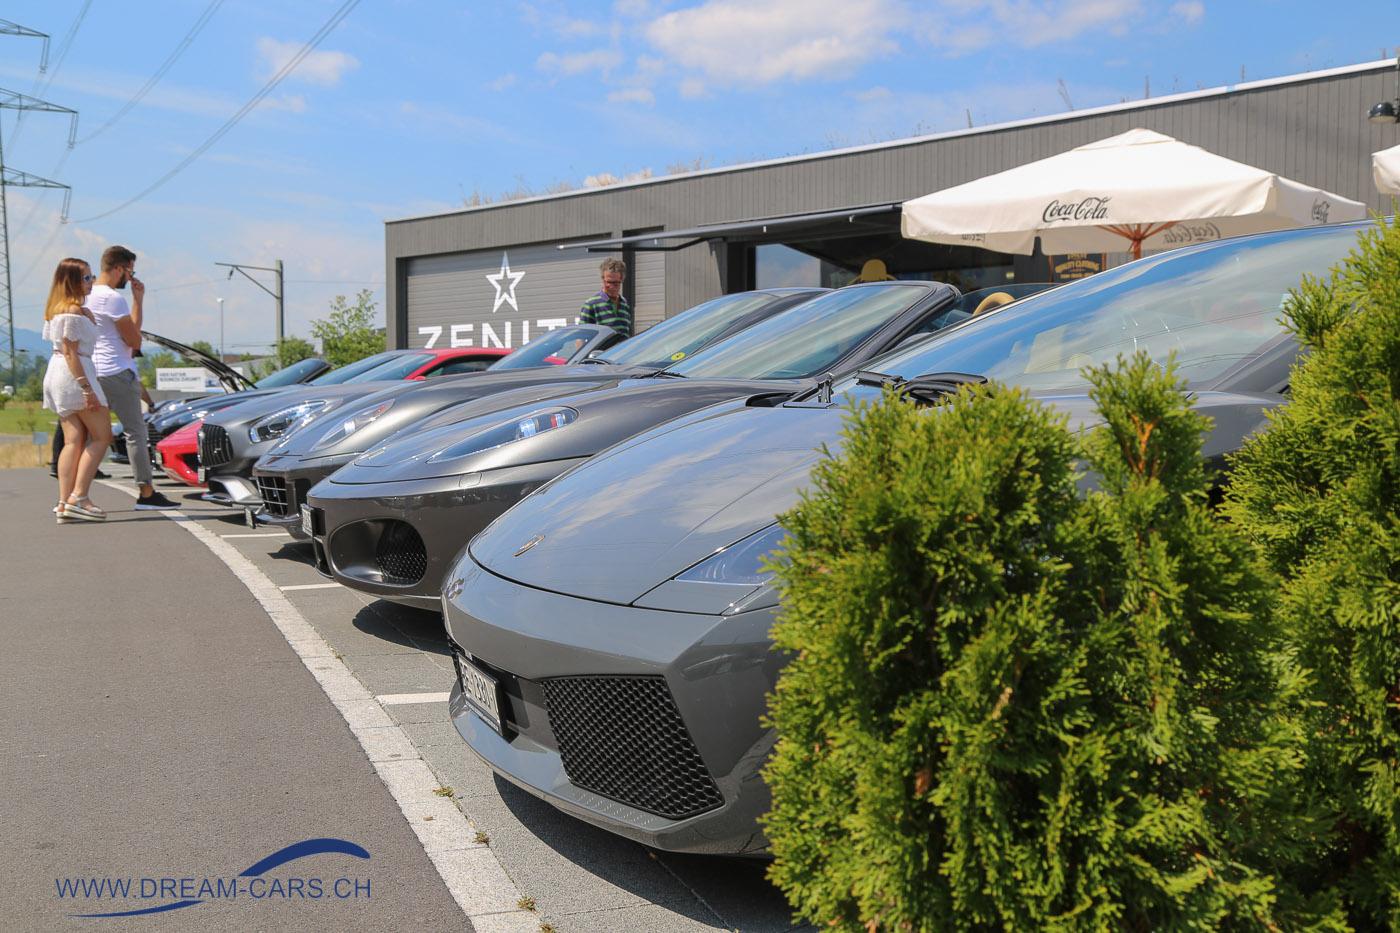 ACE CAFE Luzern, Sportwagentreffen, 14.07.2018. Spitz und aggressiv stehen Lamborghini, Ferrari & Co. vor dem ACE in Rothenburg